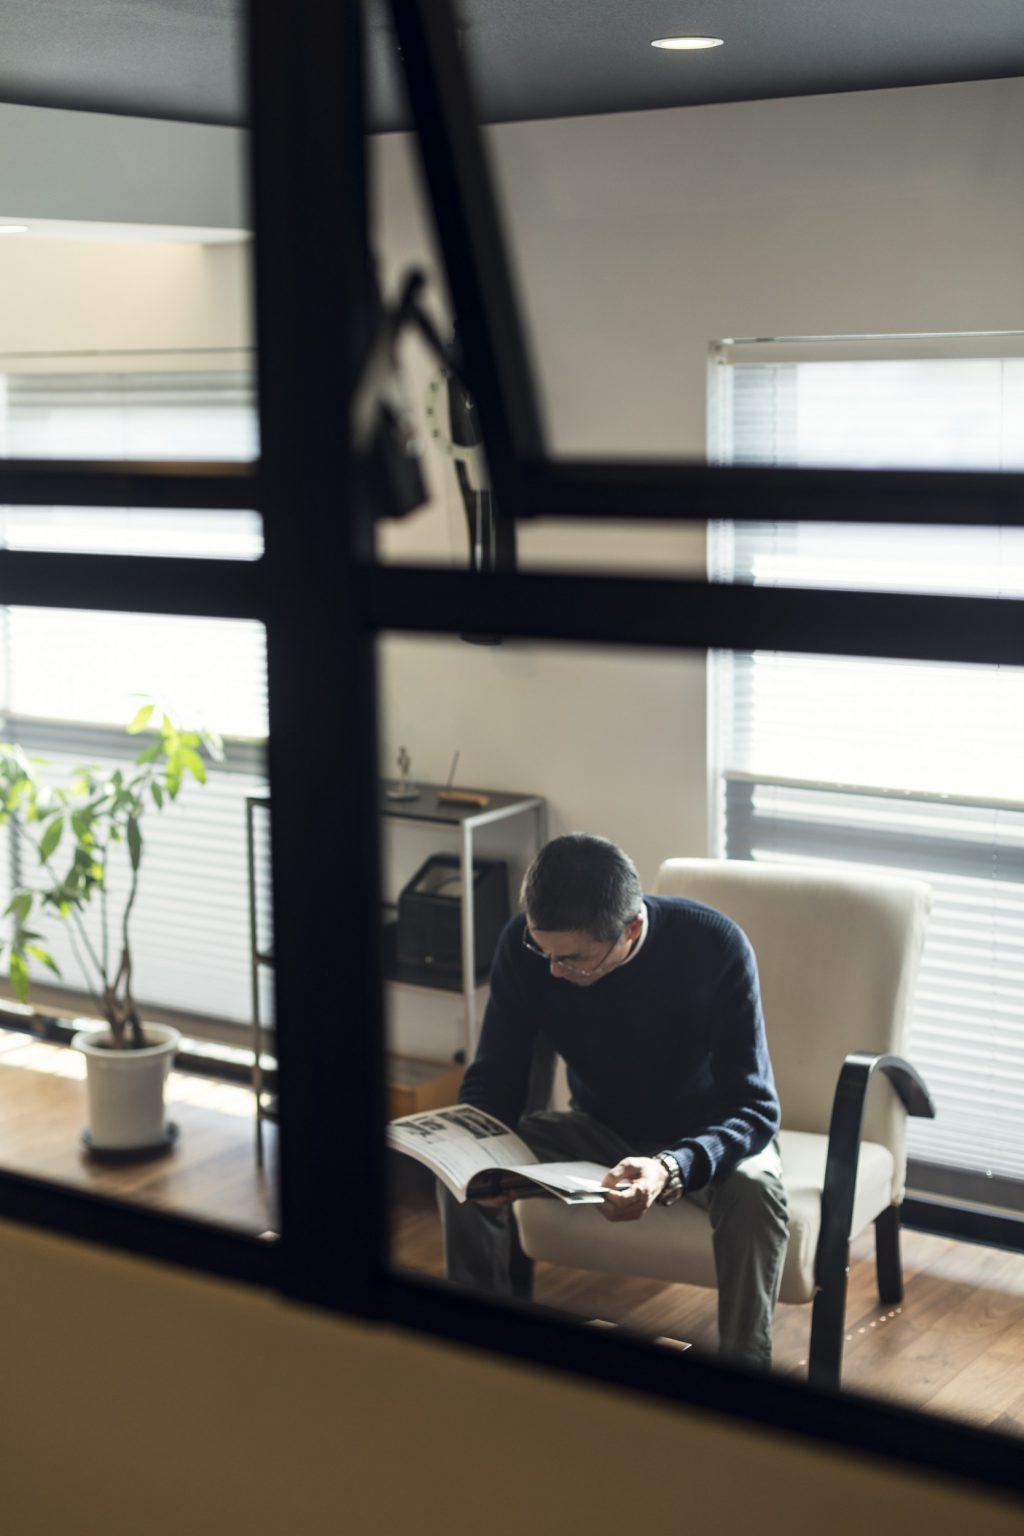 岐阜市の築20年のマンションリノベーション事例の室内オーニング窓